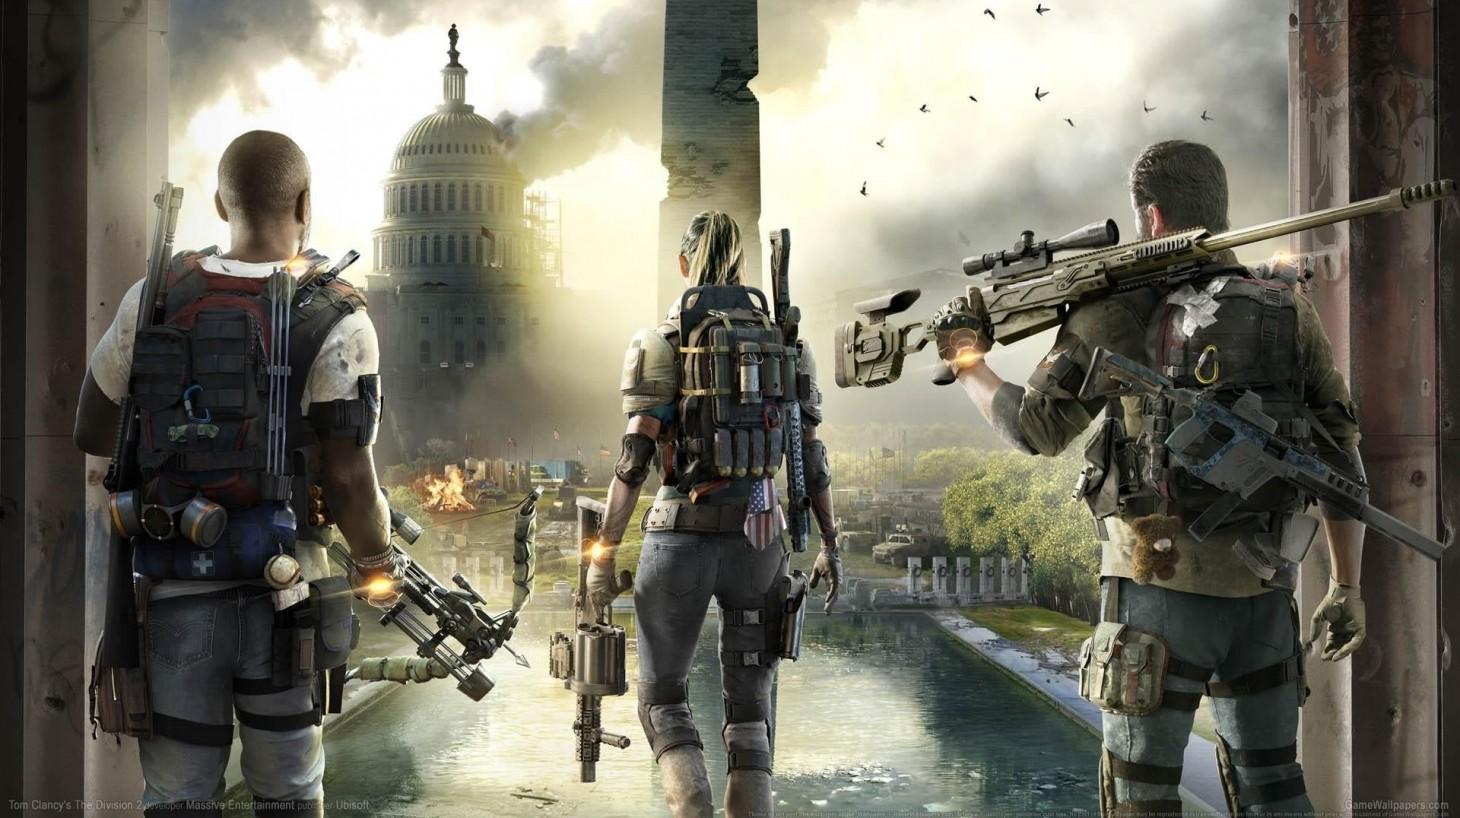 《全境封锁 2》Game Informer 评测 9 分:一款成功的服务型多人游戏